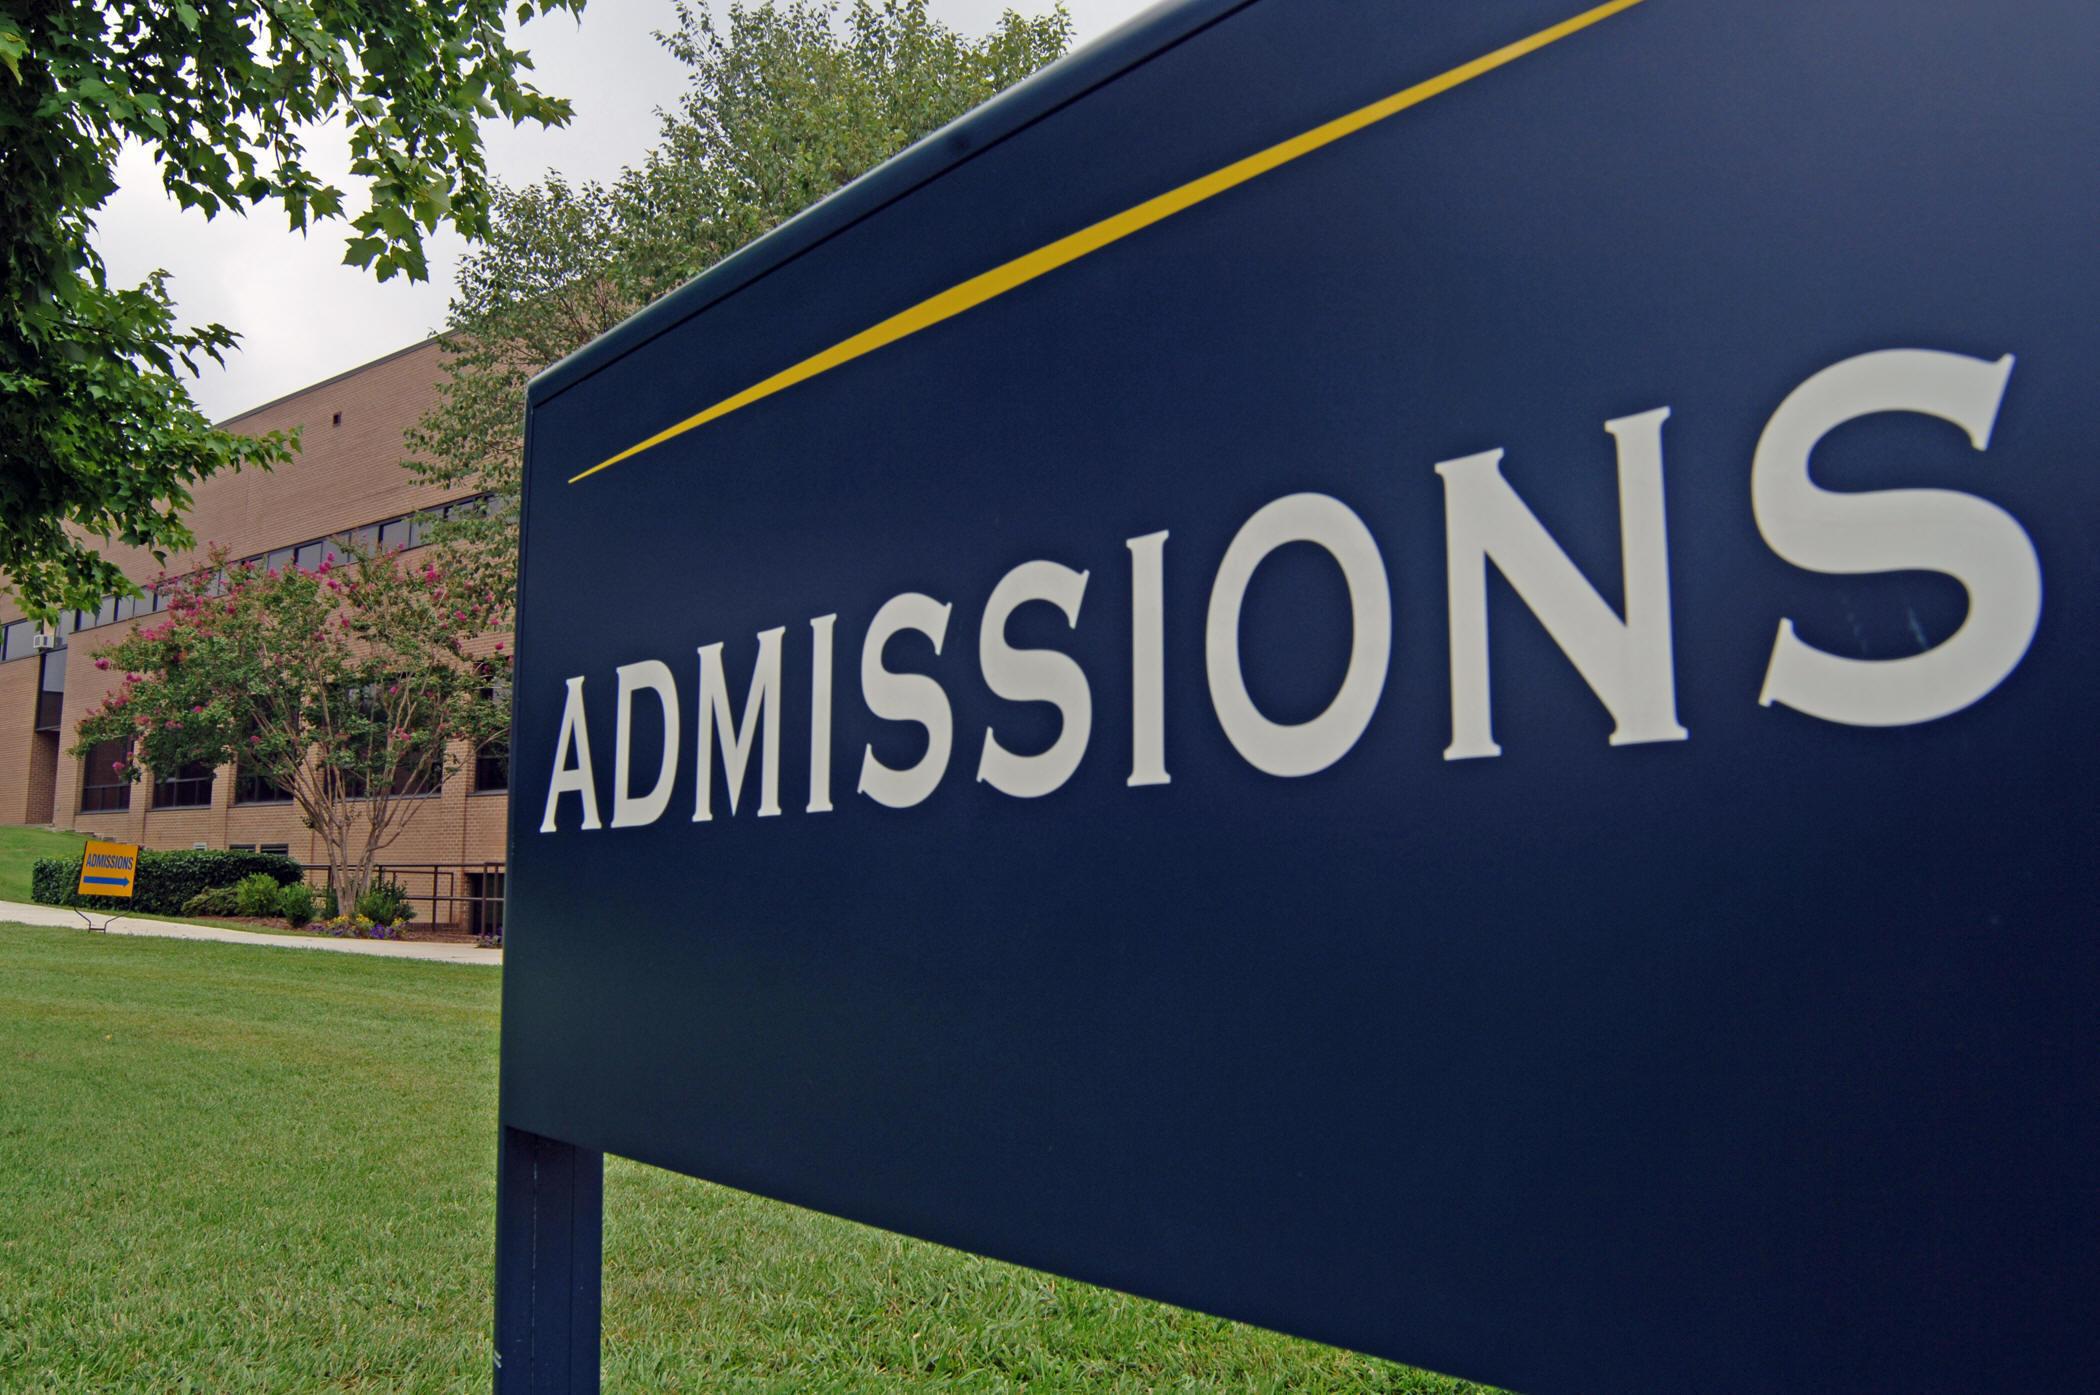 admissions-process_2018.6.28.jpg - 418.08 kb